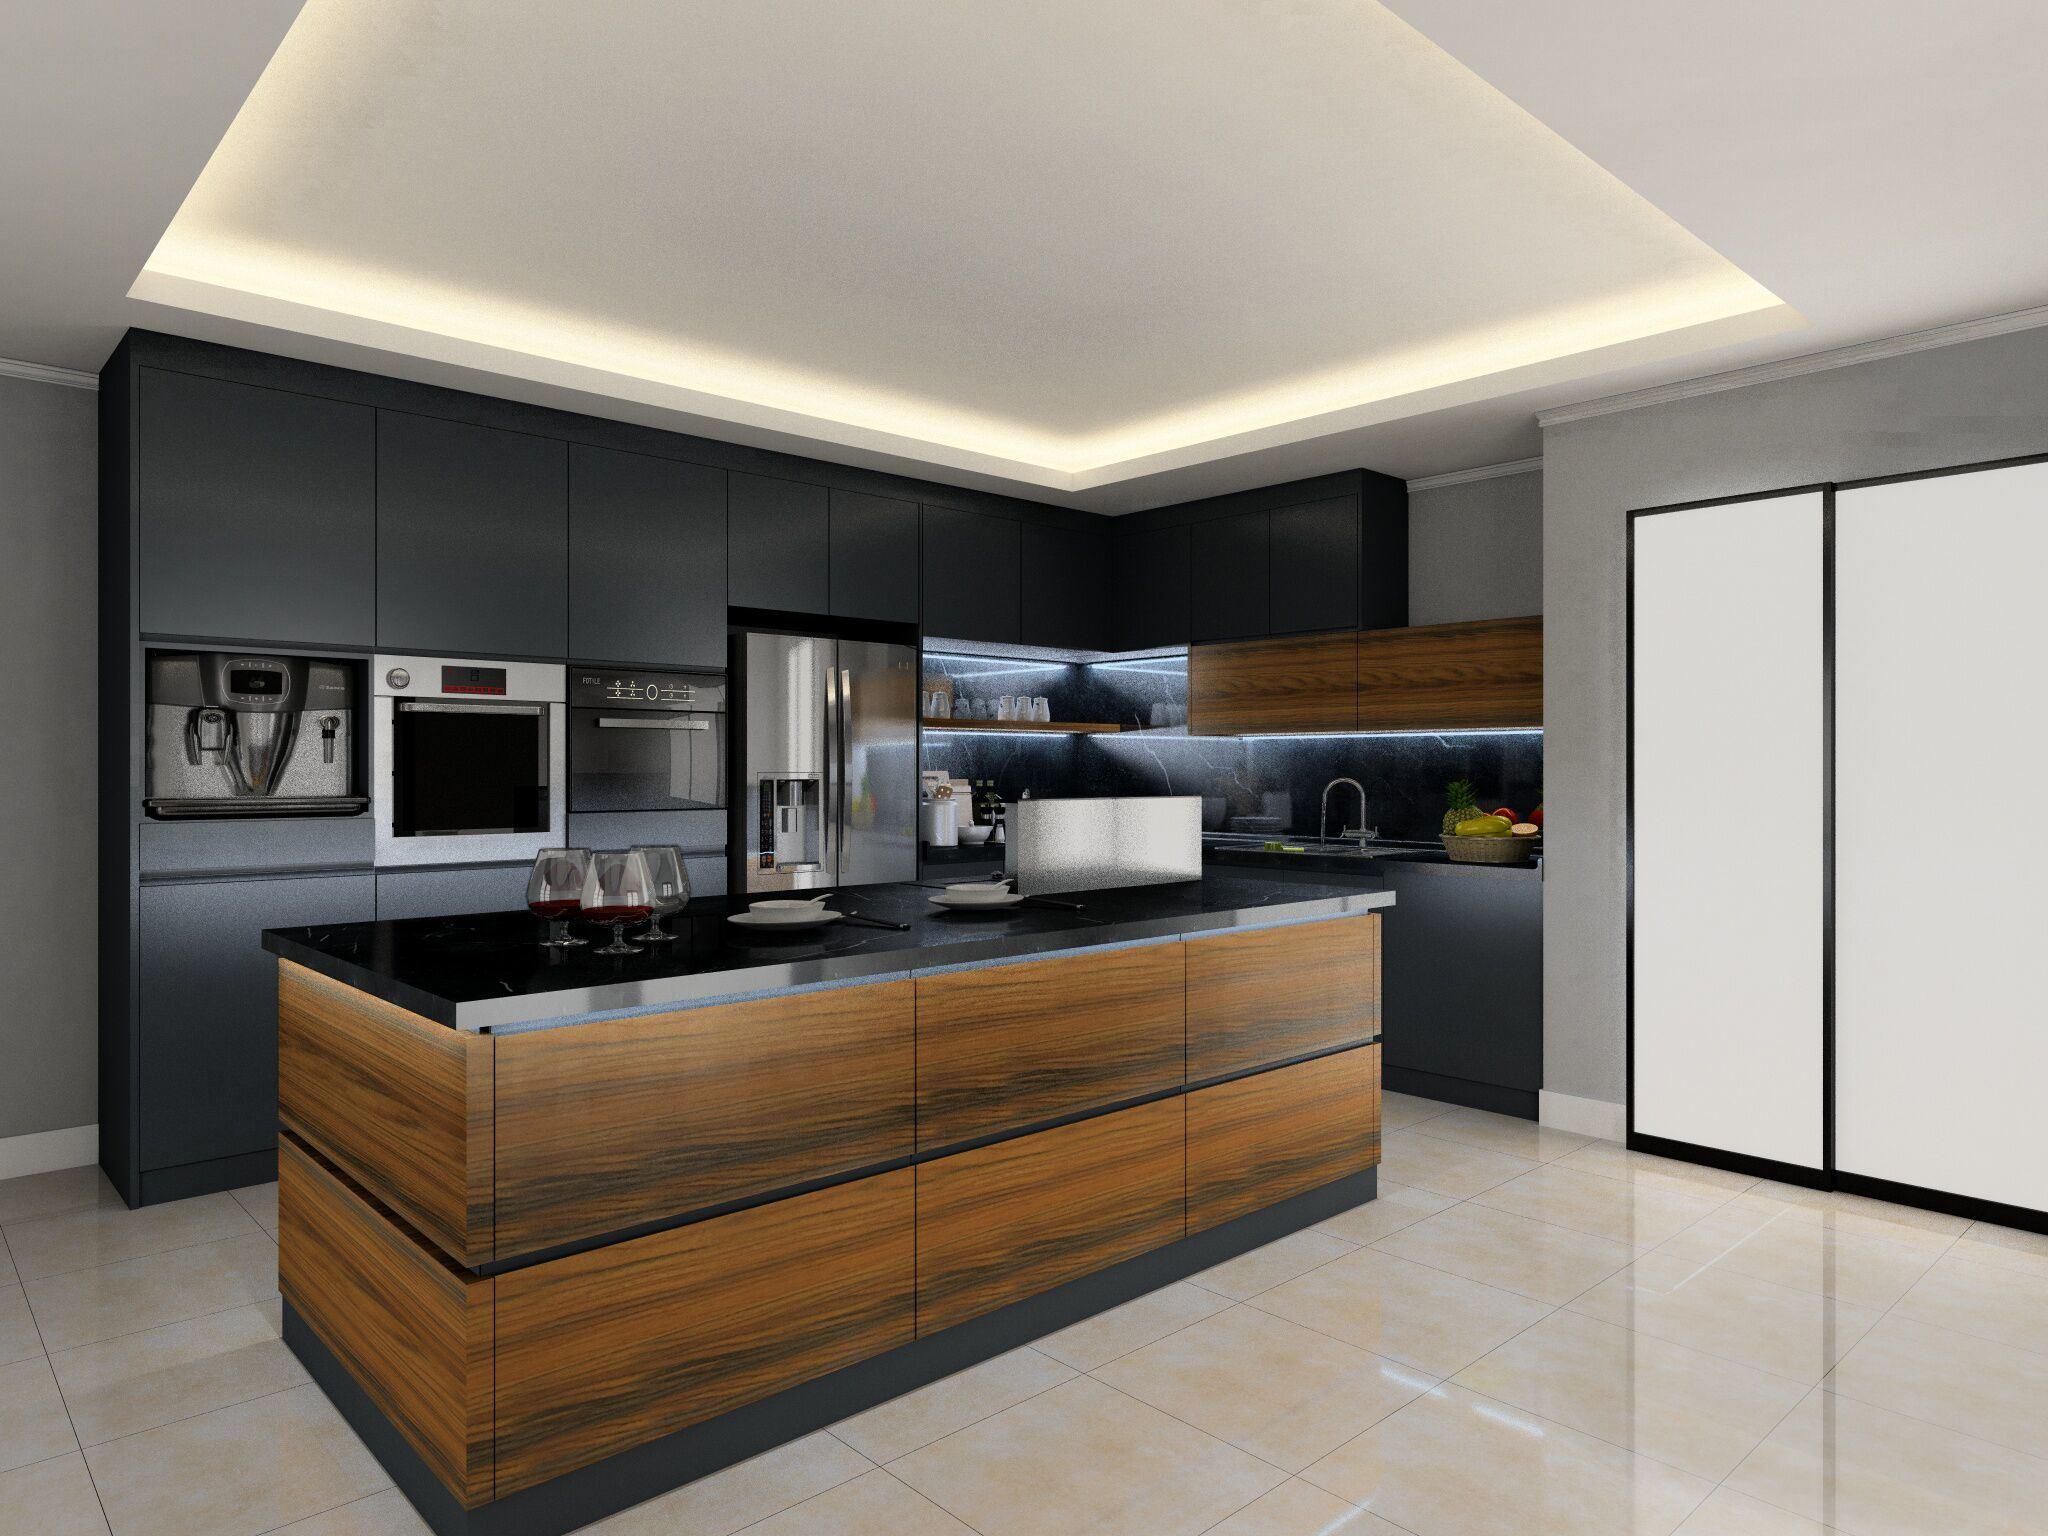 Full Size of Küchenmöbel Kchenmbel Grau Farbe Gemischt Holz Stil Wohnzimmer Küchenmöbel